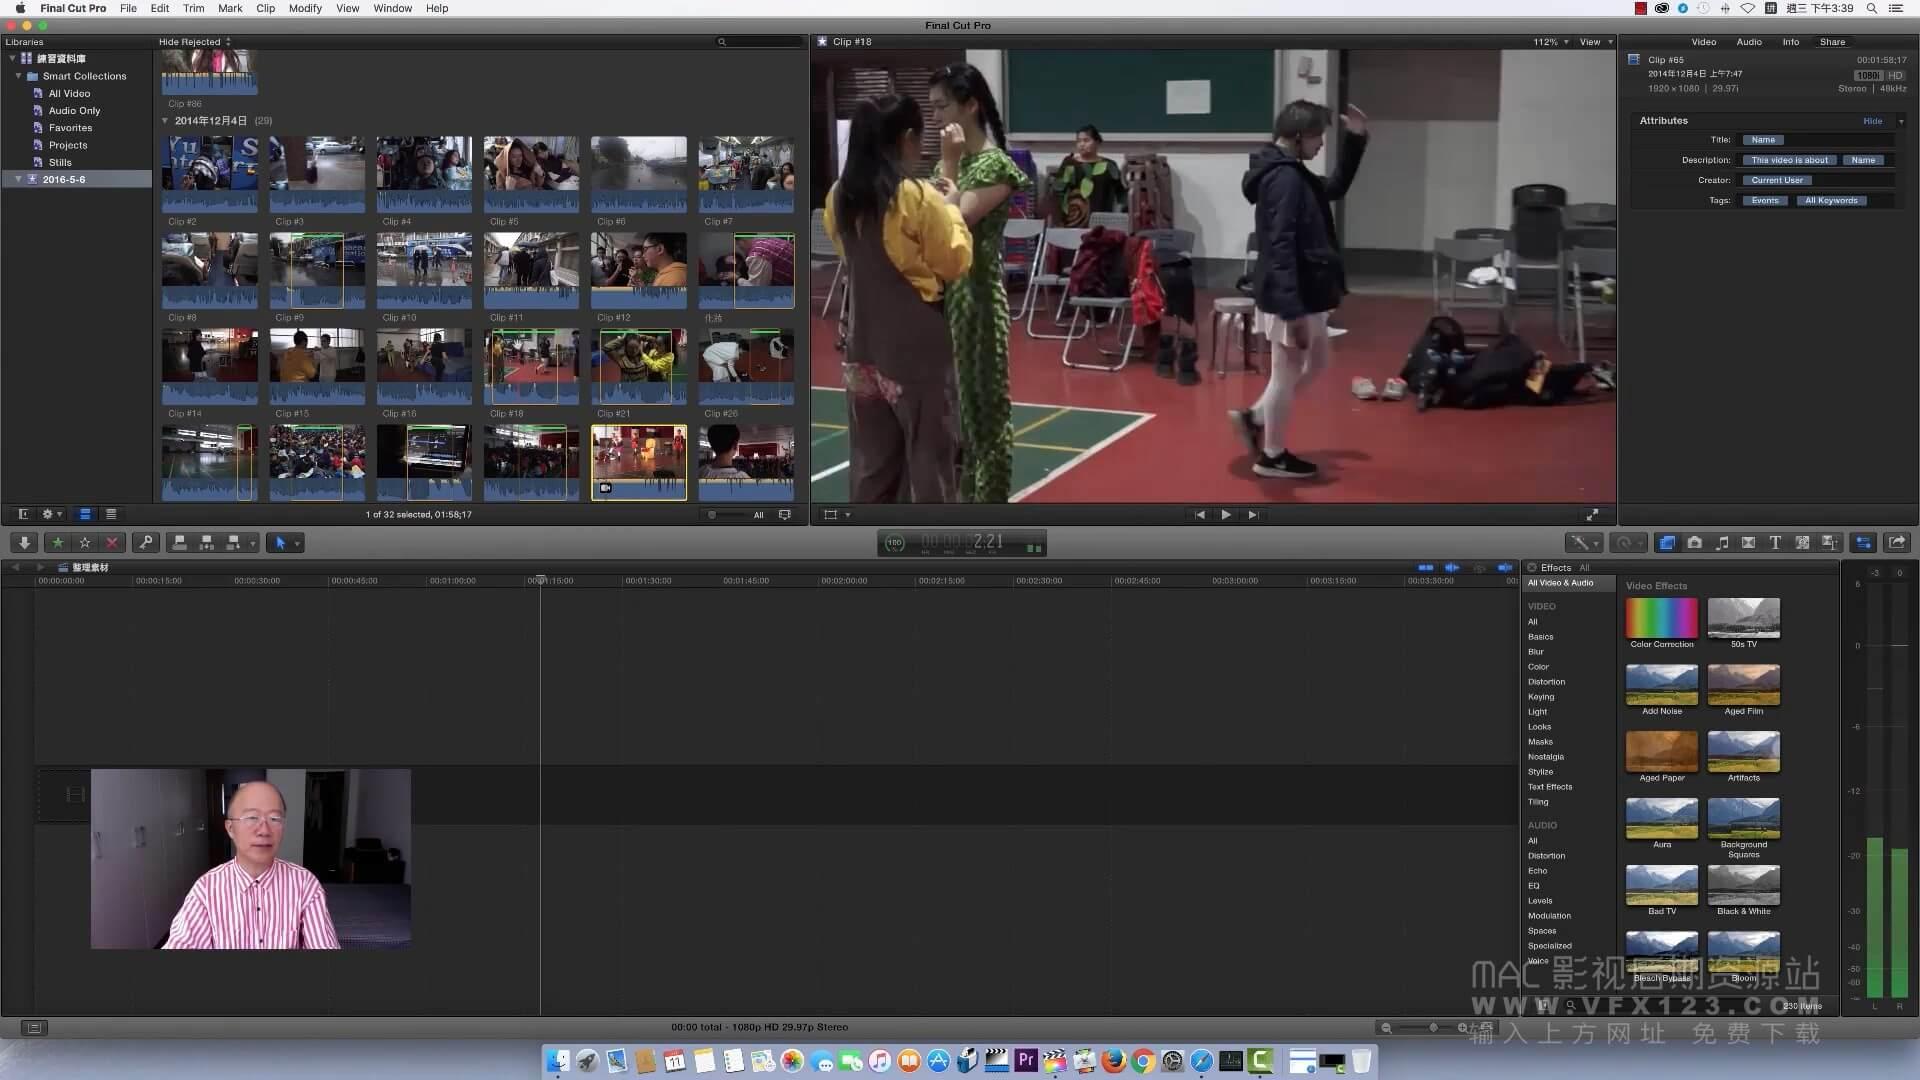 第5课: Final Cut Pro X 组织与分类素材 丨FCPX中文视频教程